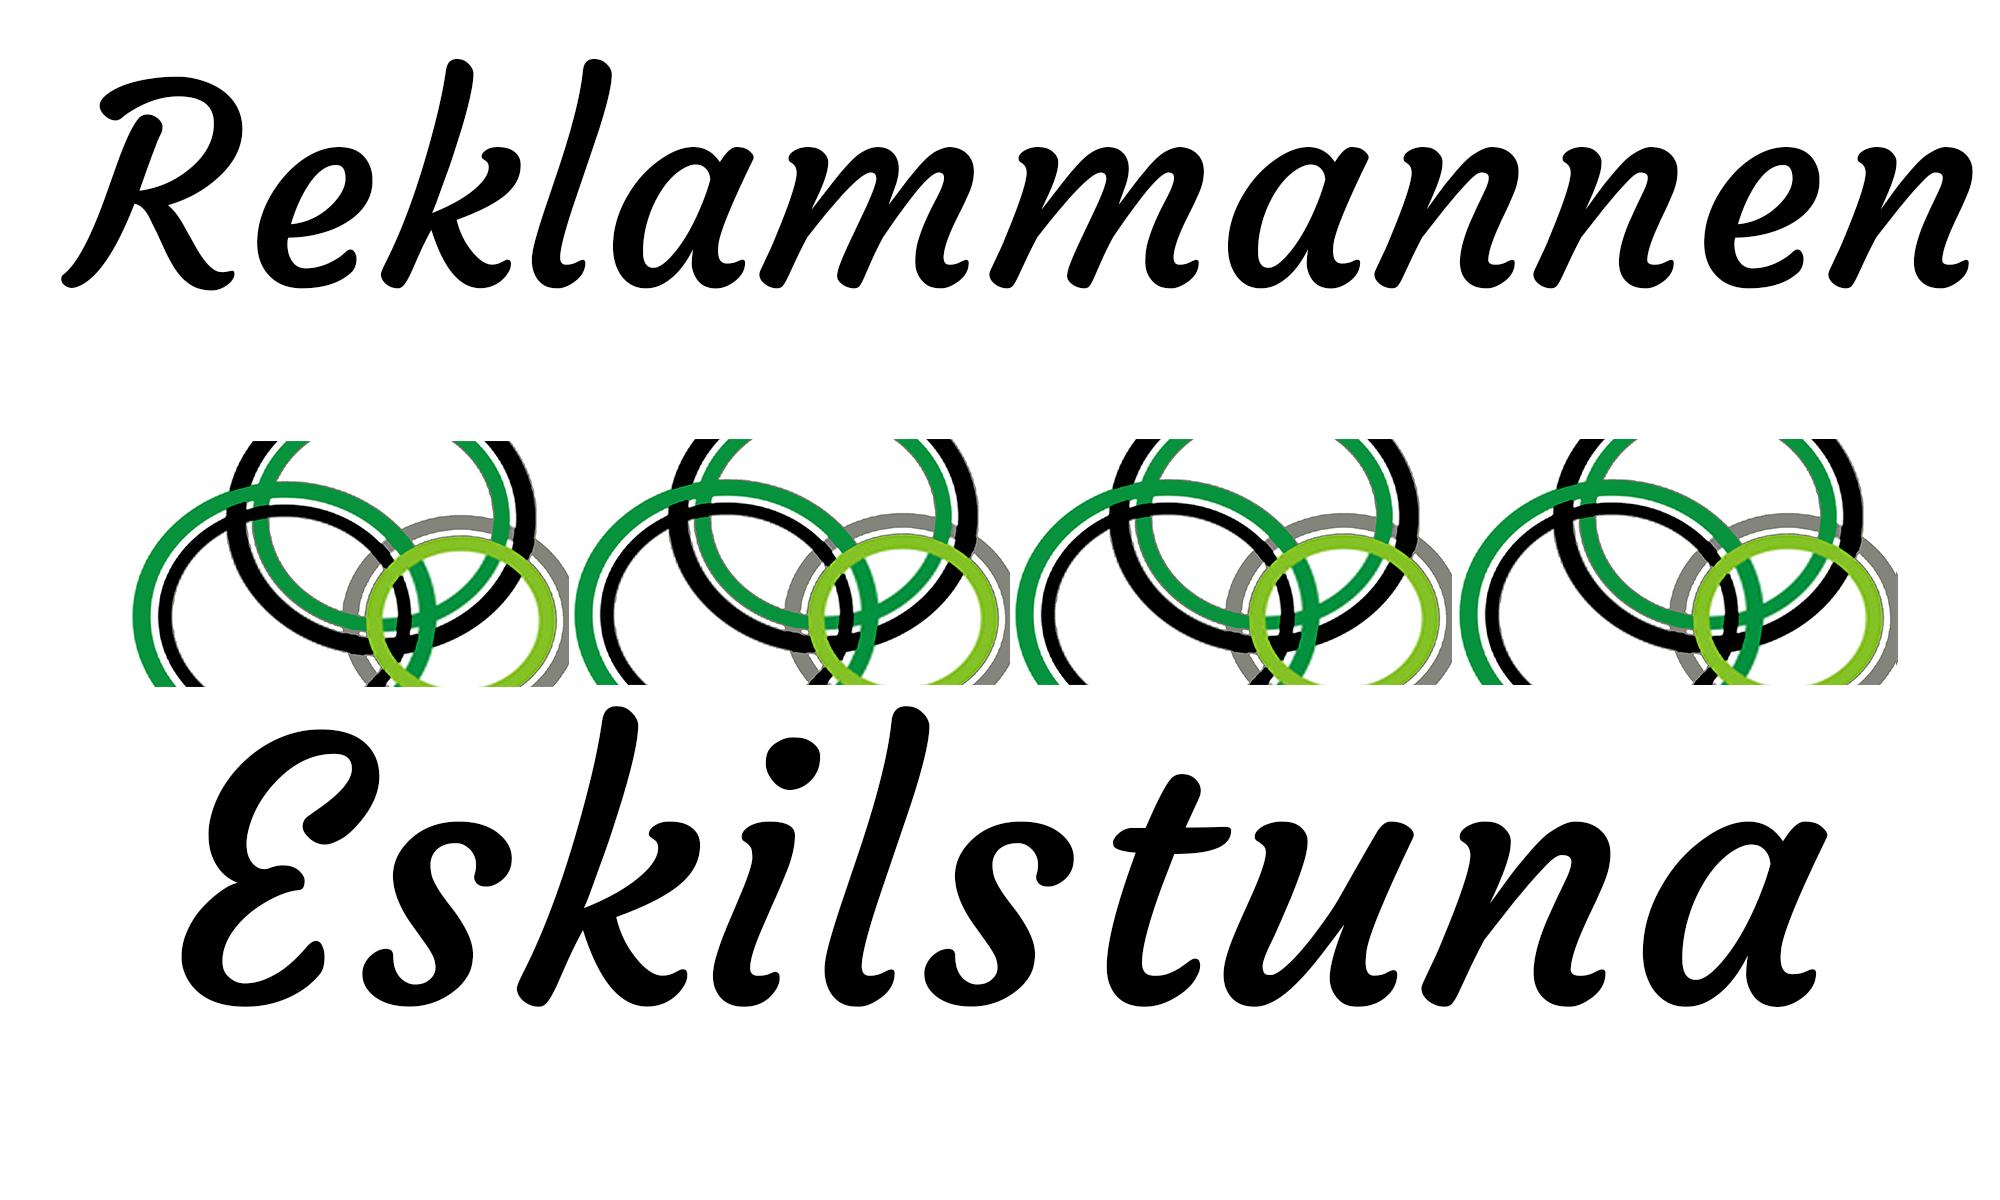 Reklammannen Eskilstuna